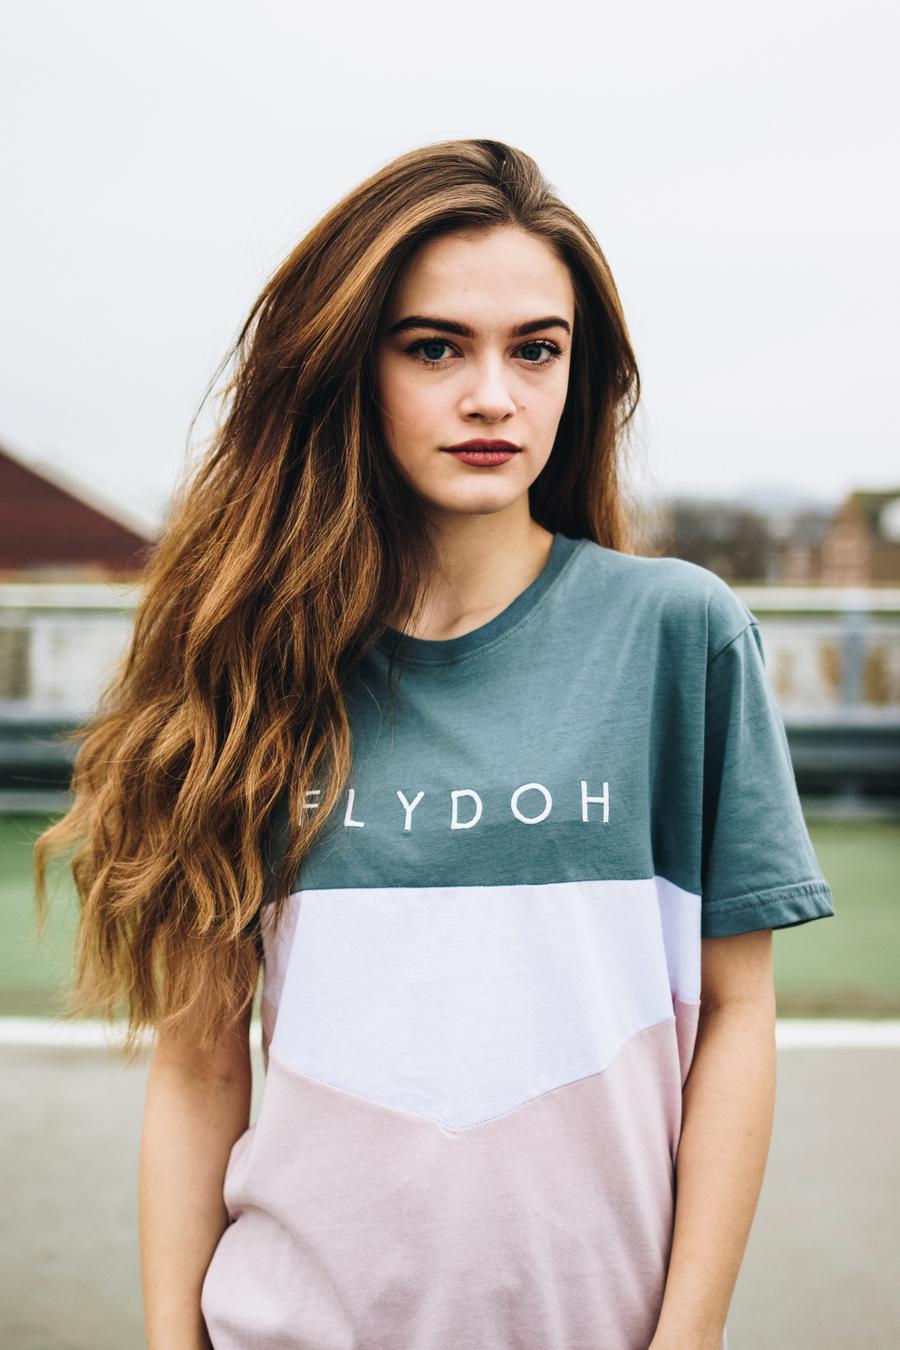 Designer FLYDOH / Uploaded 30th October 2019 @ 12:33 PM